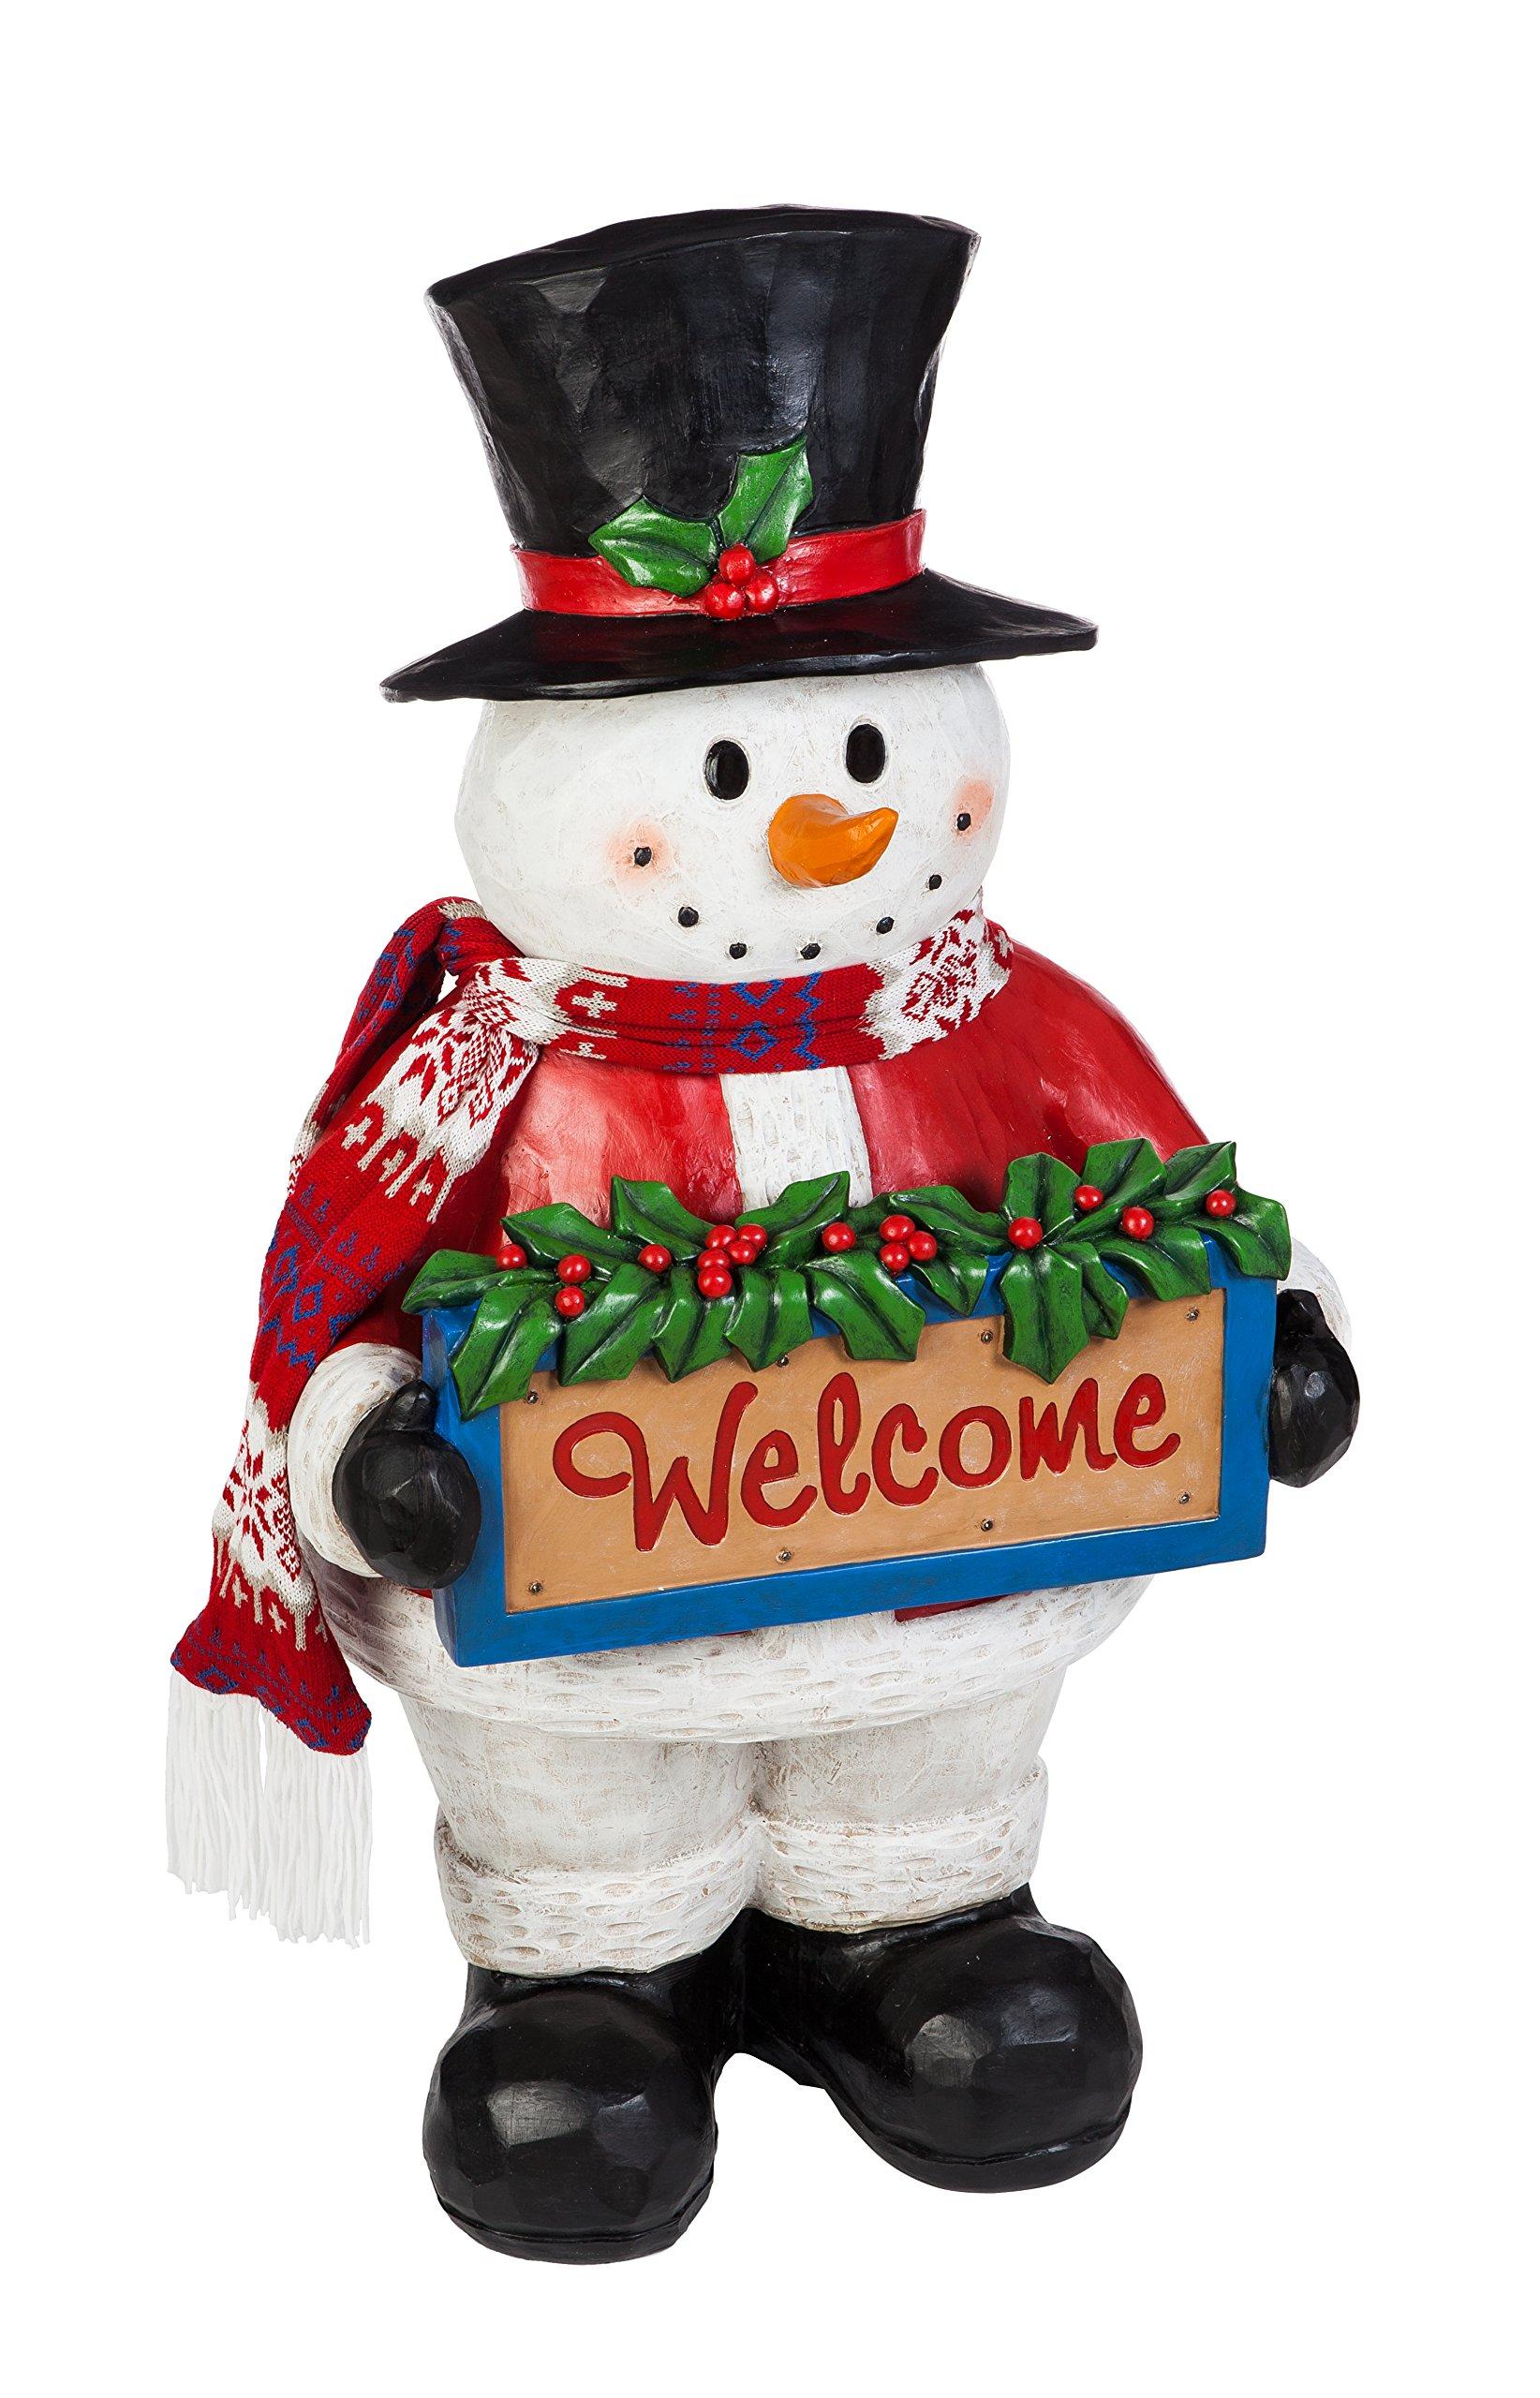 Evergreen Garden 41 inch Seasons Greetings Outdoor Safe LED Light-Up Snowman Greeter Garden Statue by Evergreen Garden